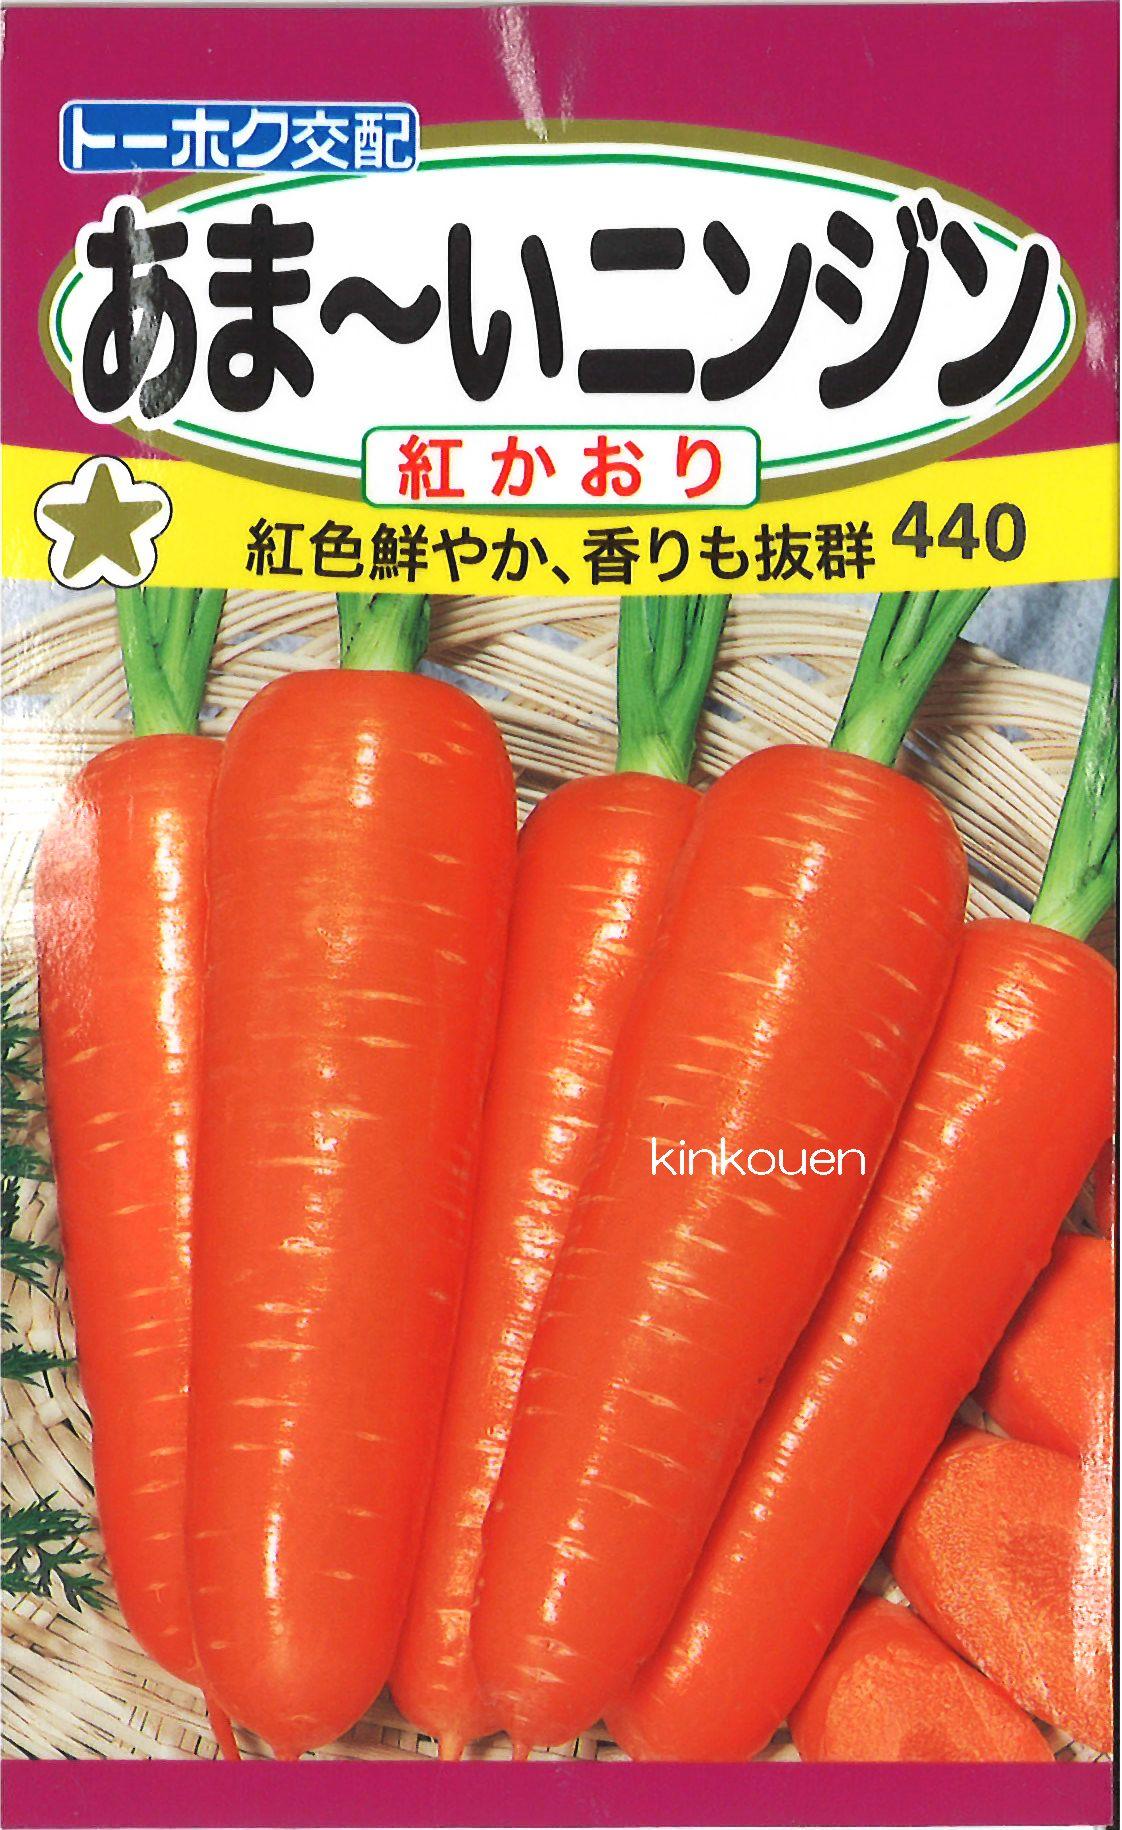 【代引不可】【5袋まで送料80円】 □あま〜いニンジン紅かおり